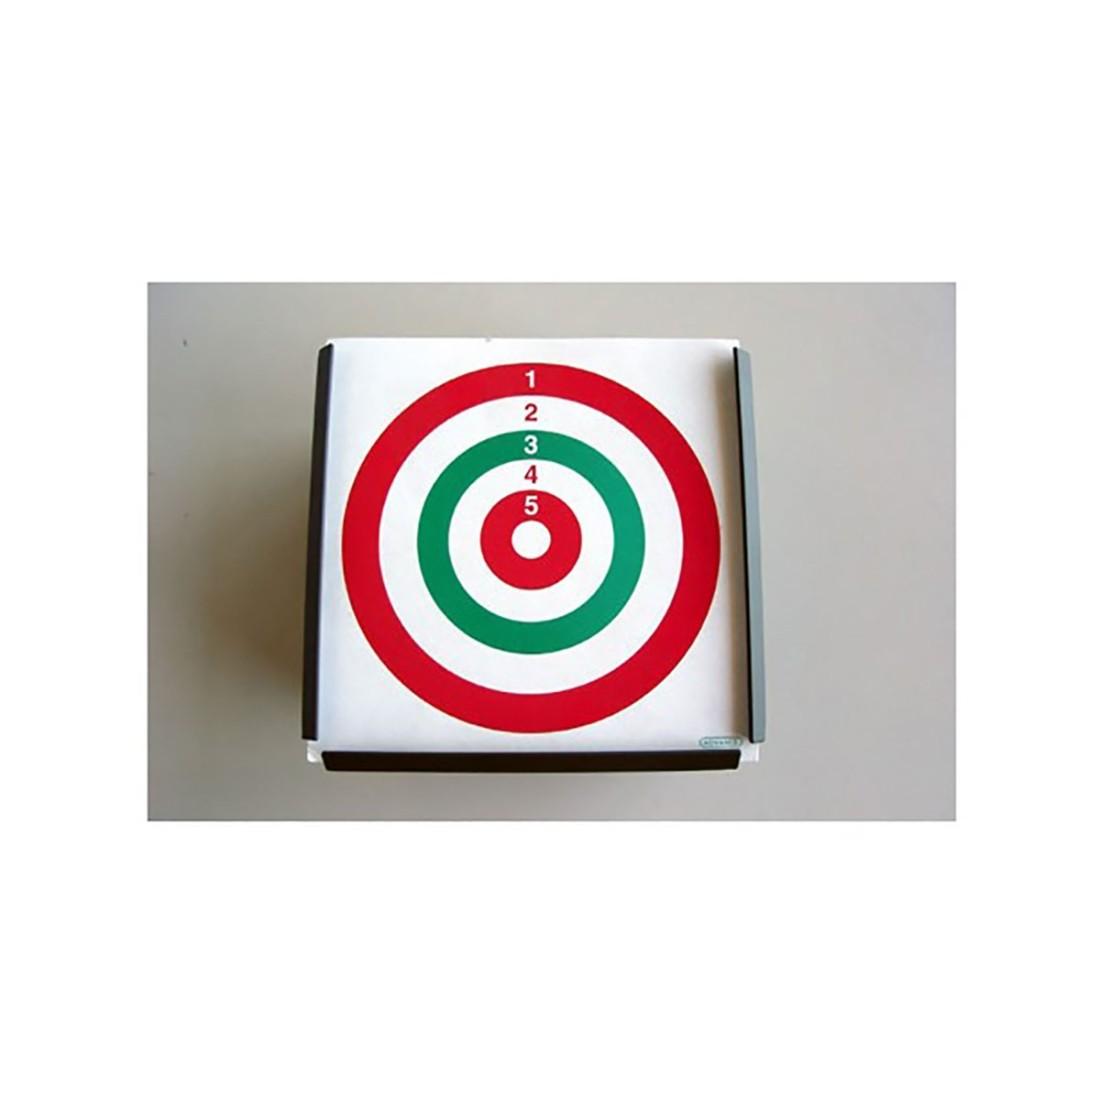 Porta bersaglio quadrato cm. 14x14 - ADVANCE GROUP